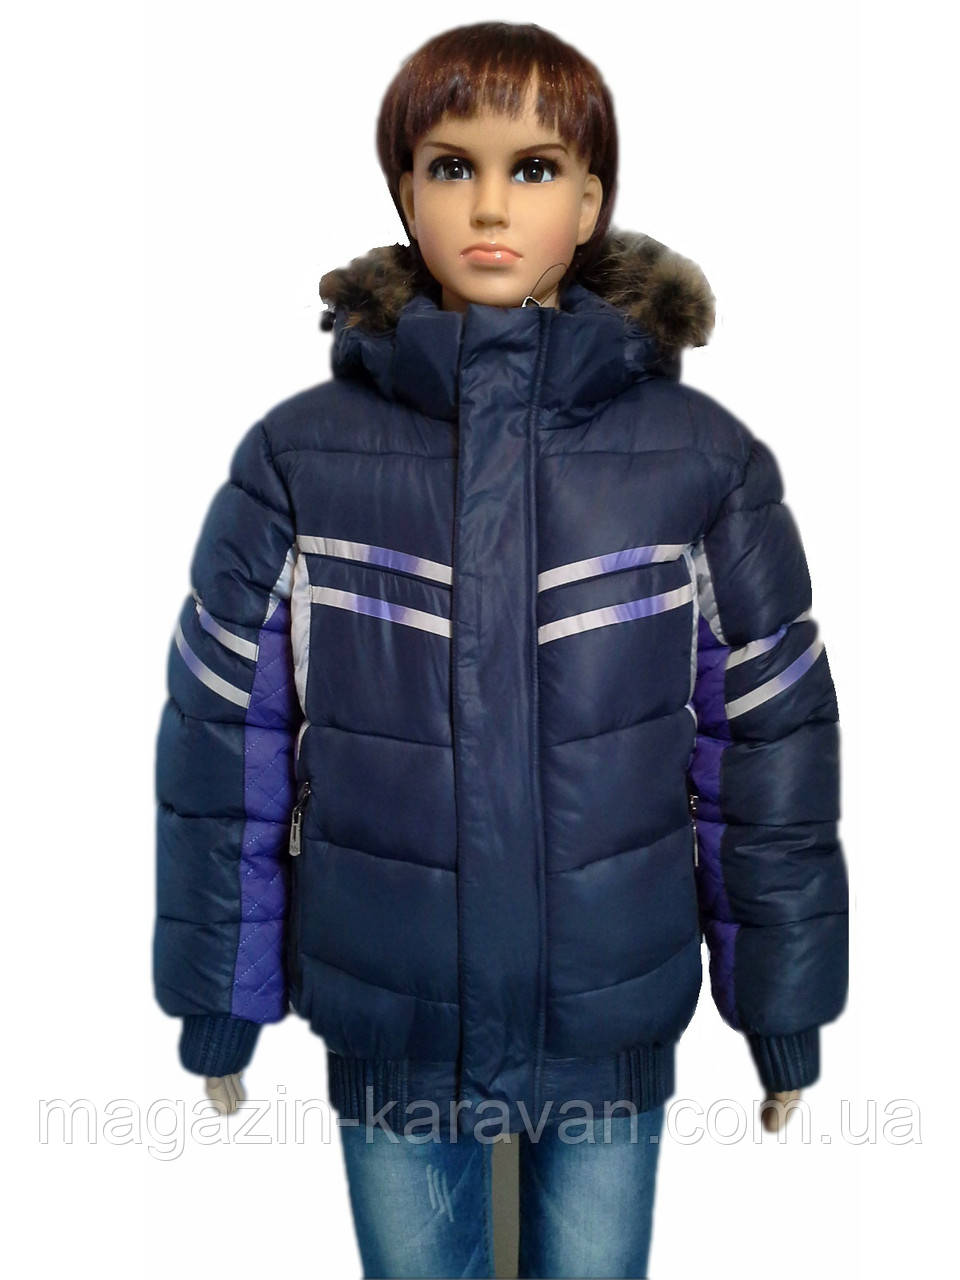 Детская куртка зимняя